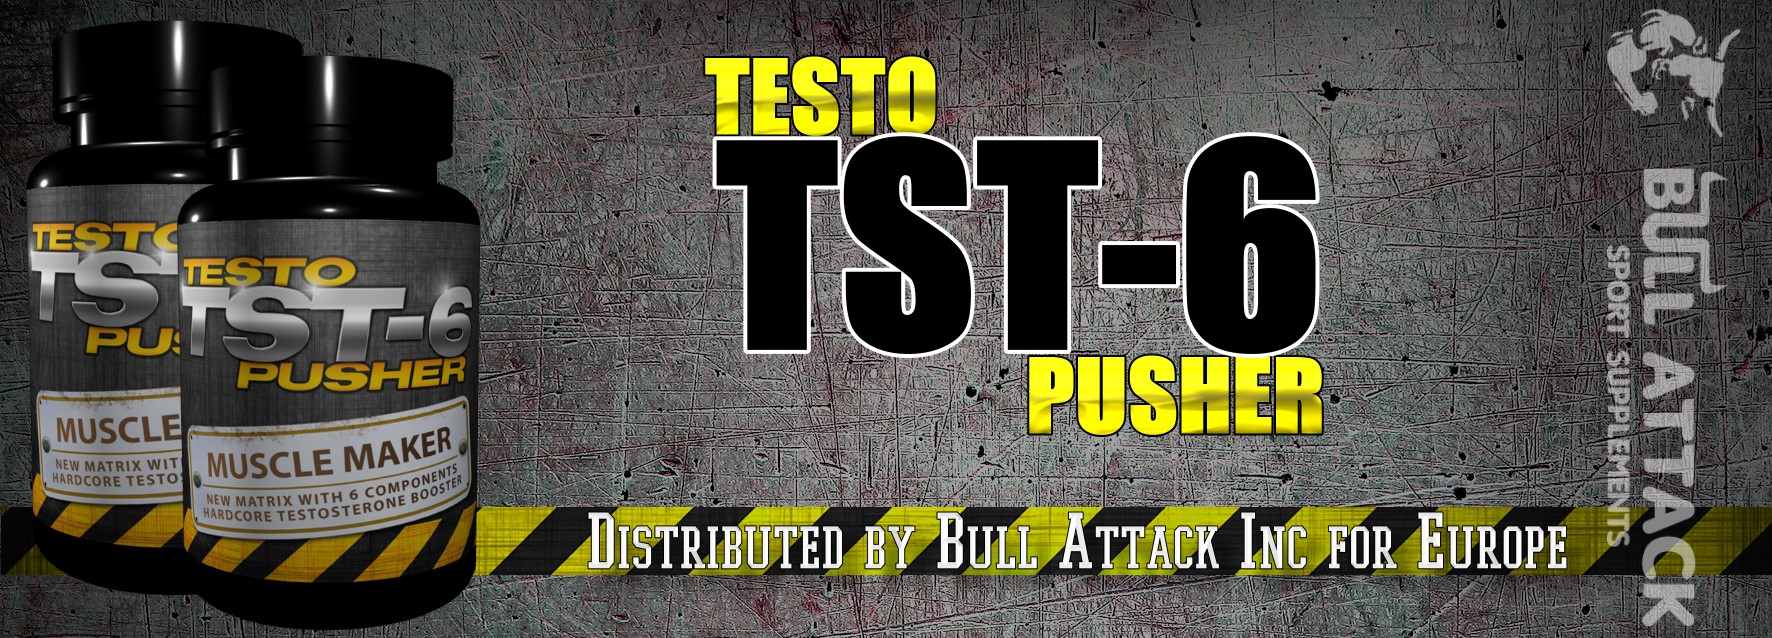 http://bull-attack.com/images/TST-BANNER.jpg